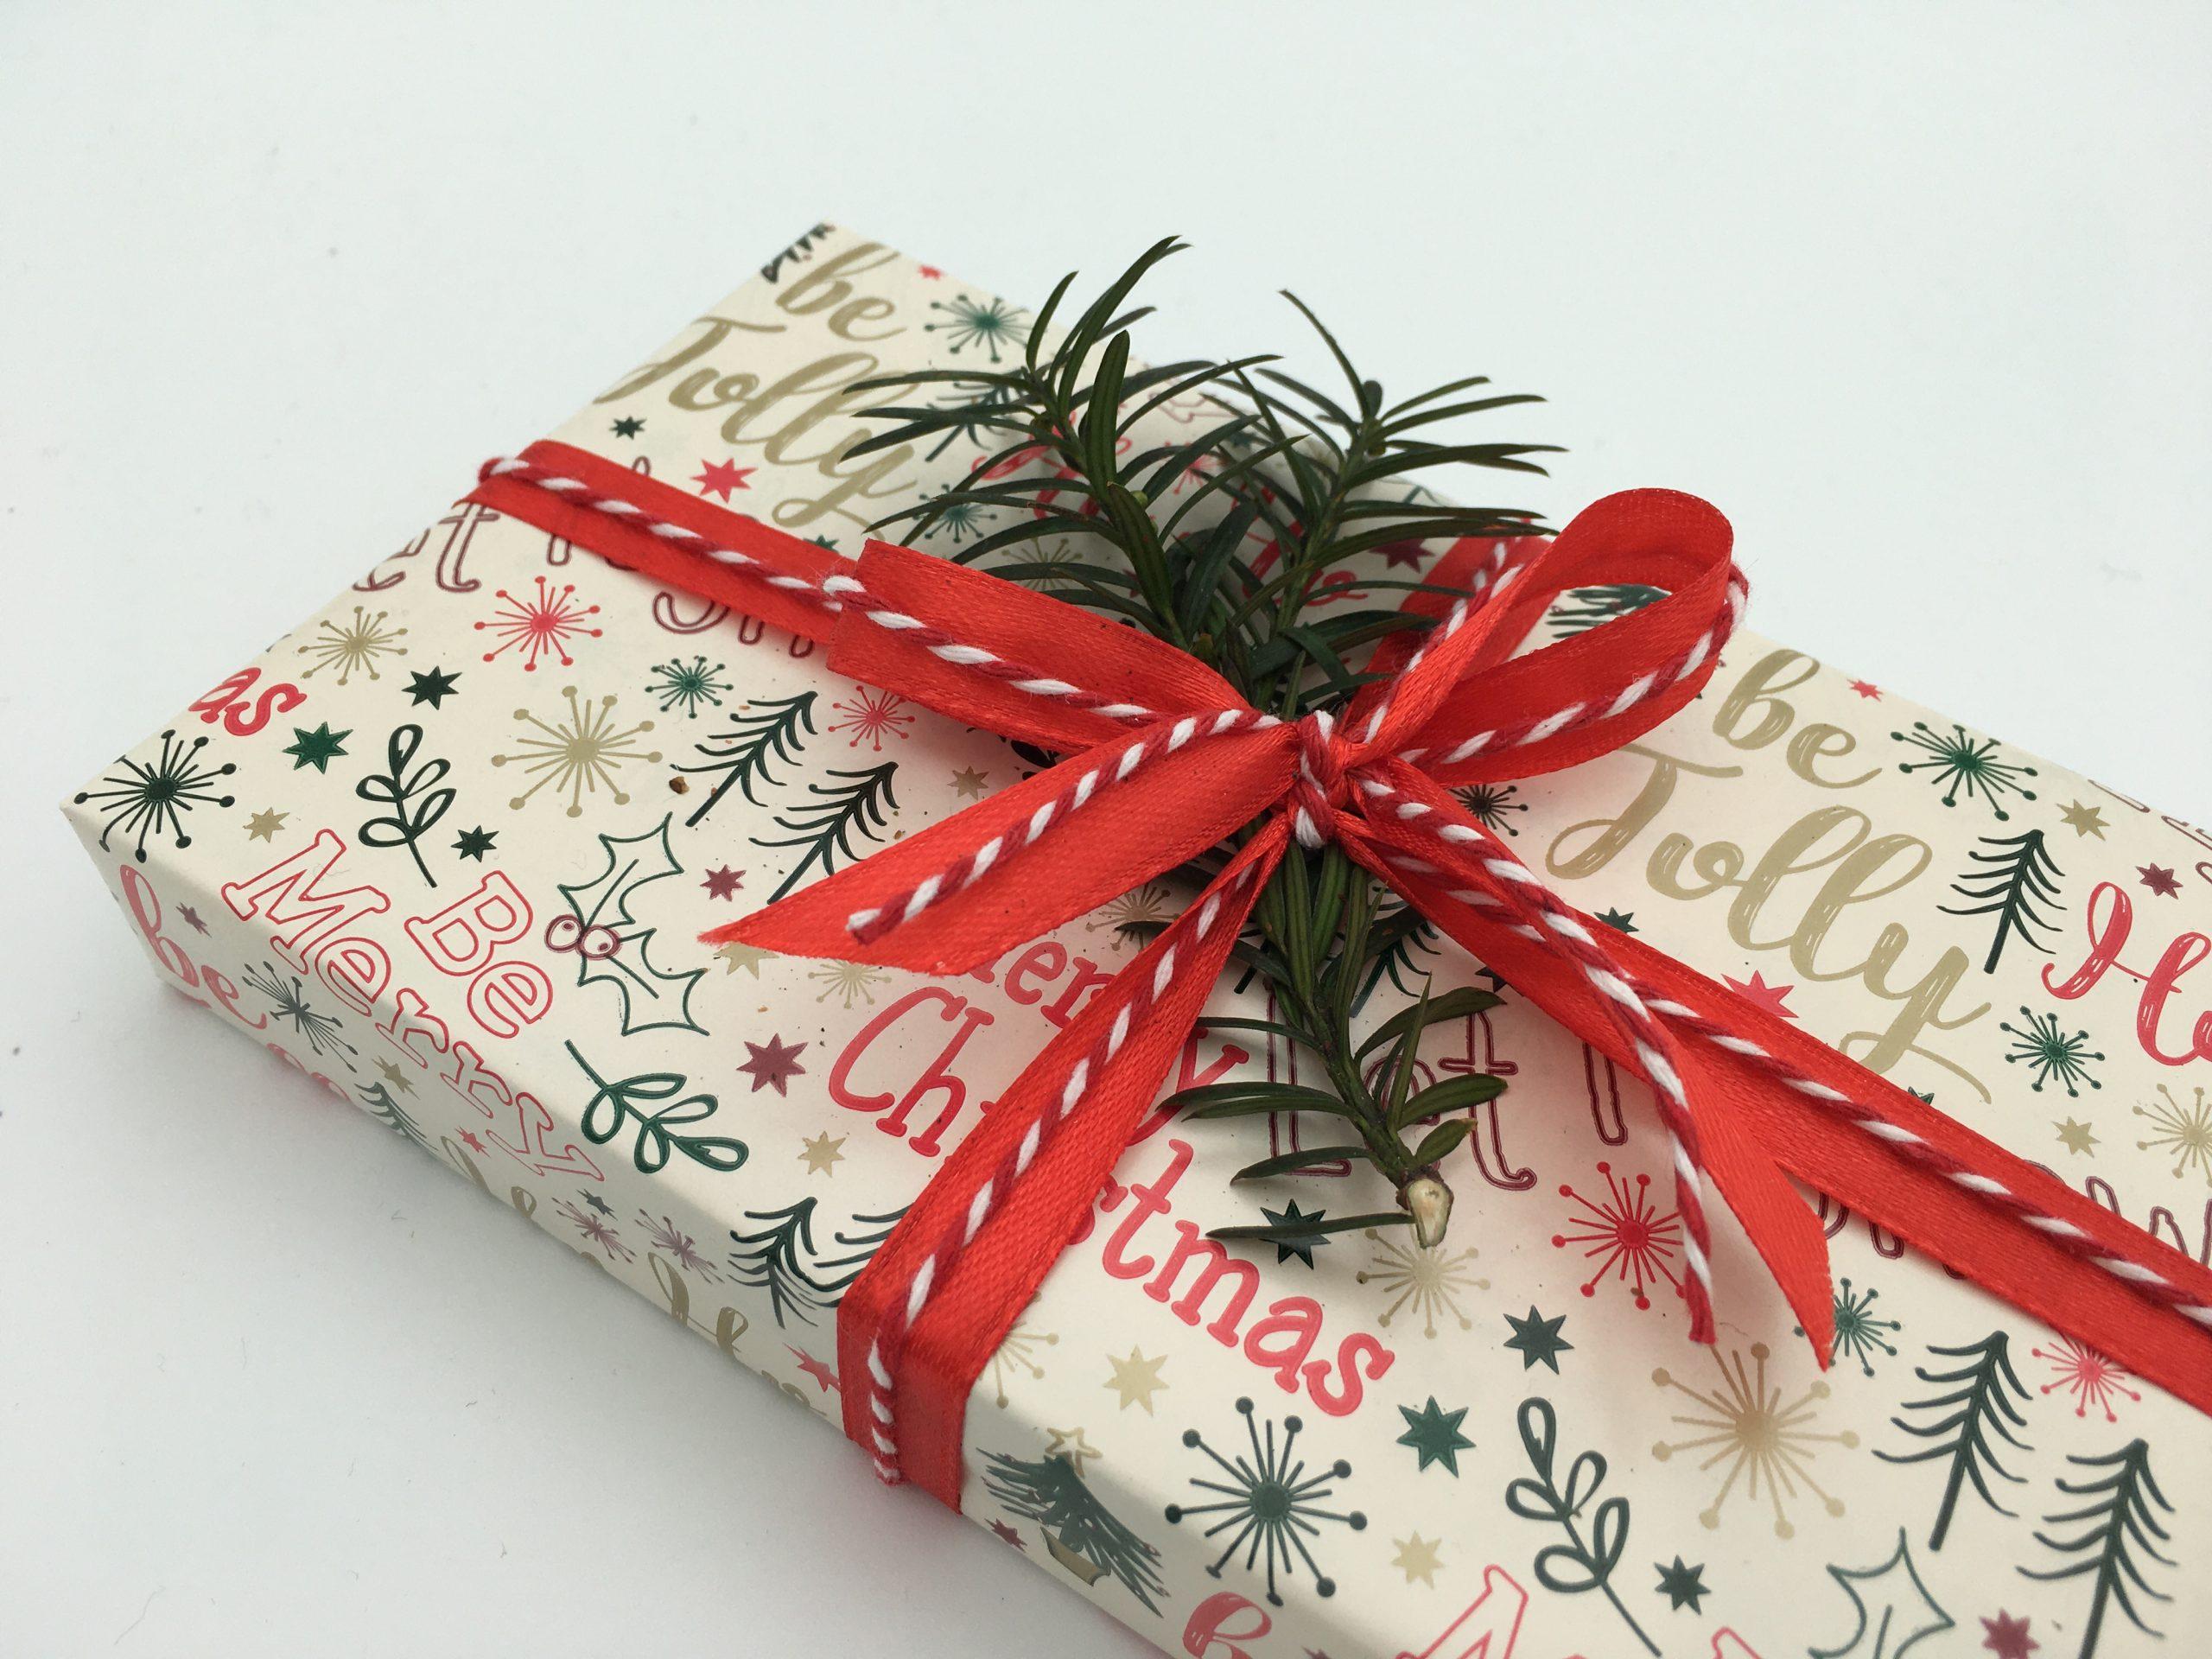 Julklapp med textat julpapper och rött satinband